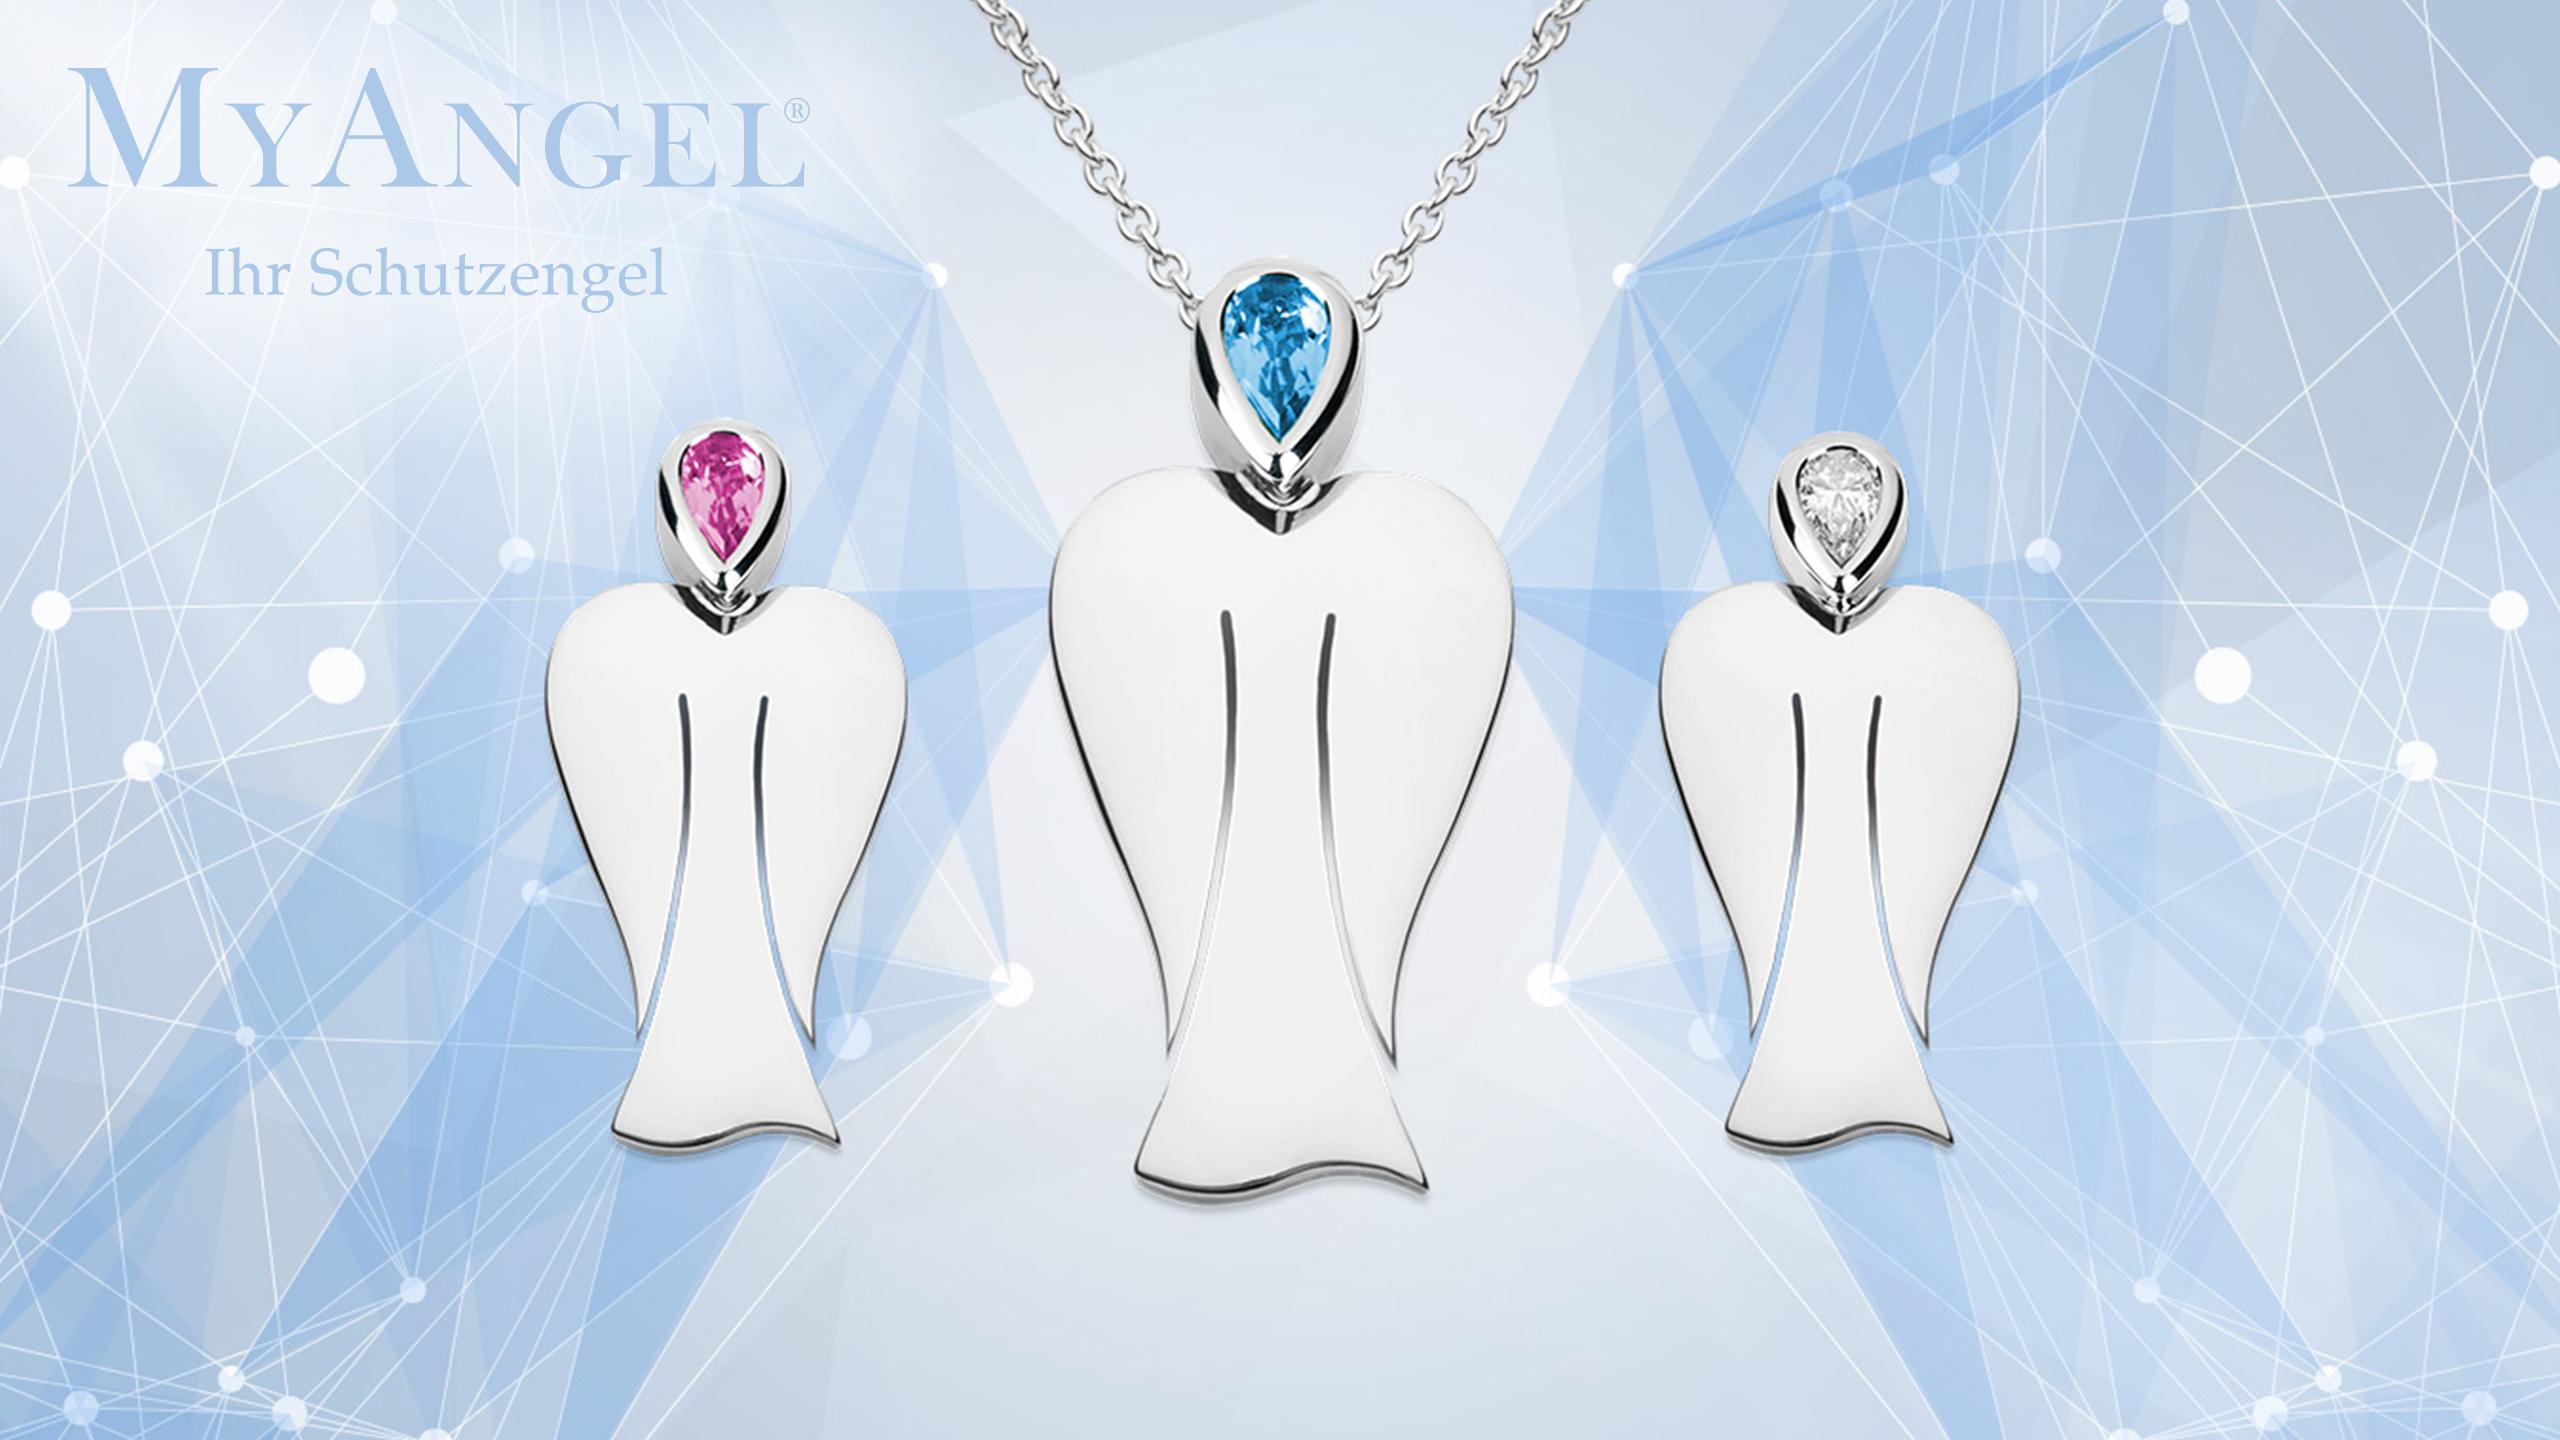 (c) Myangel.at